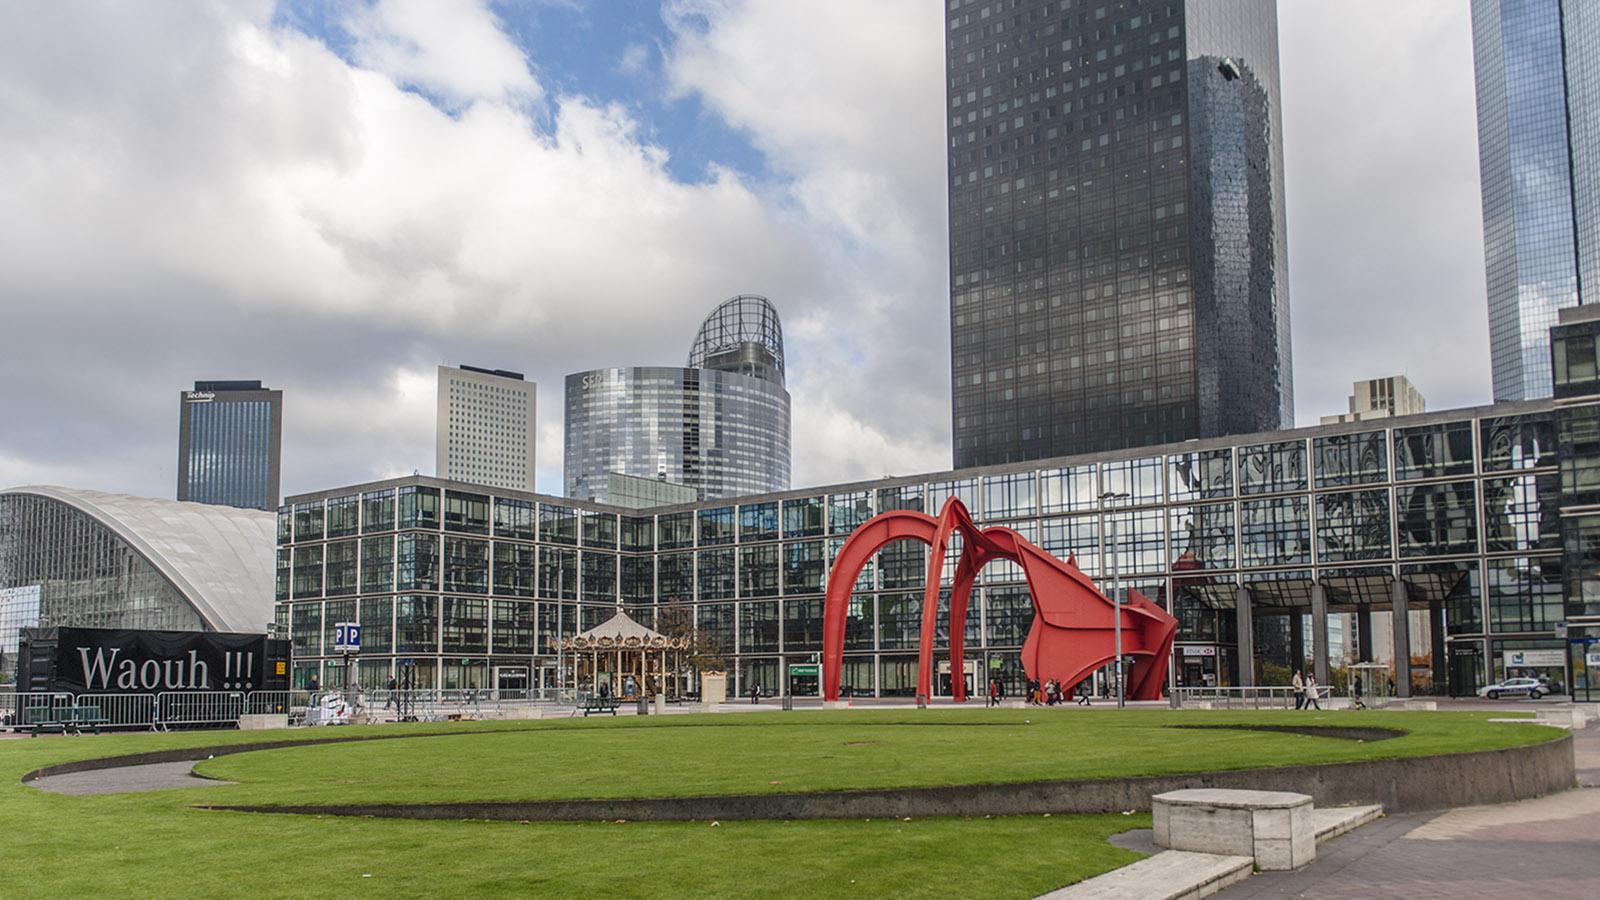 Die Spinne von Calder - ein Exponat der Kunstsammlung von La Défense. Foto: Hilke Maunder